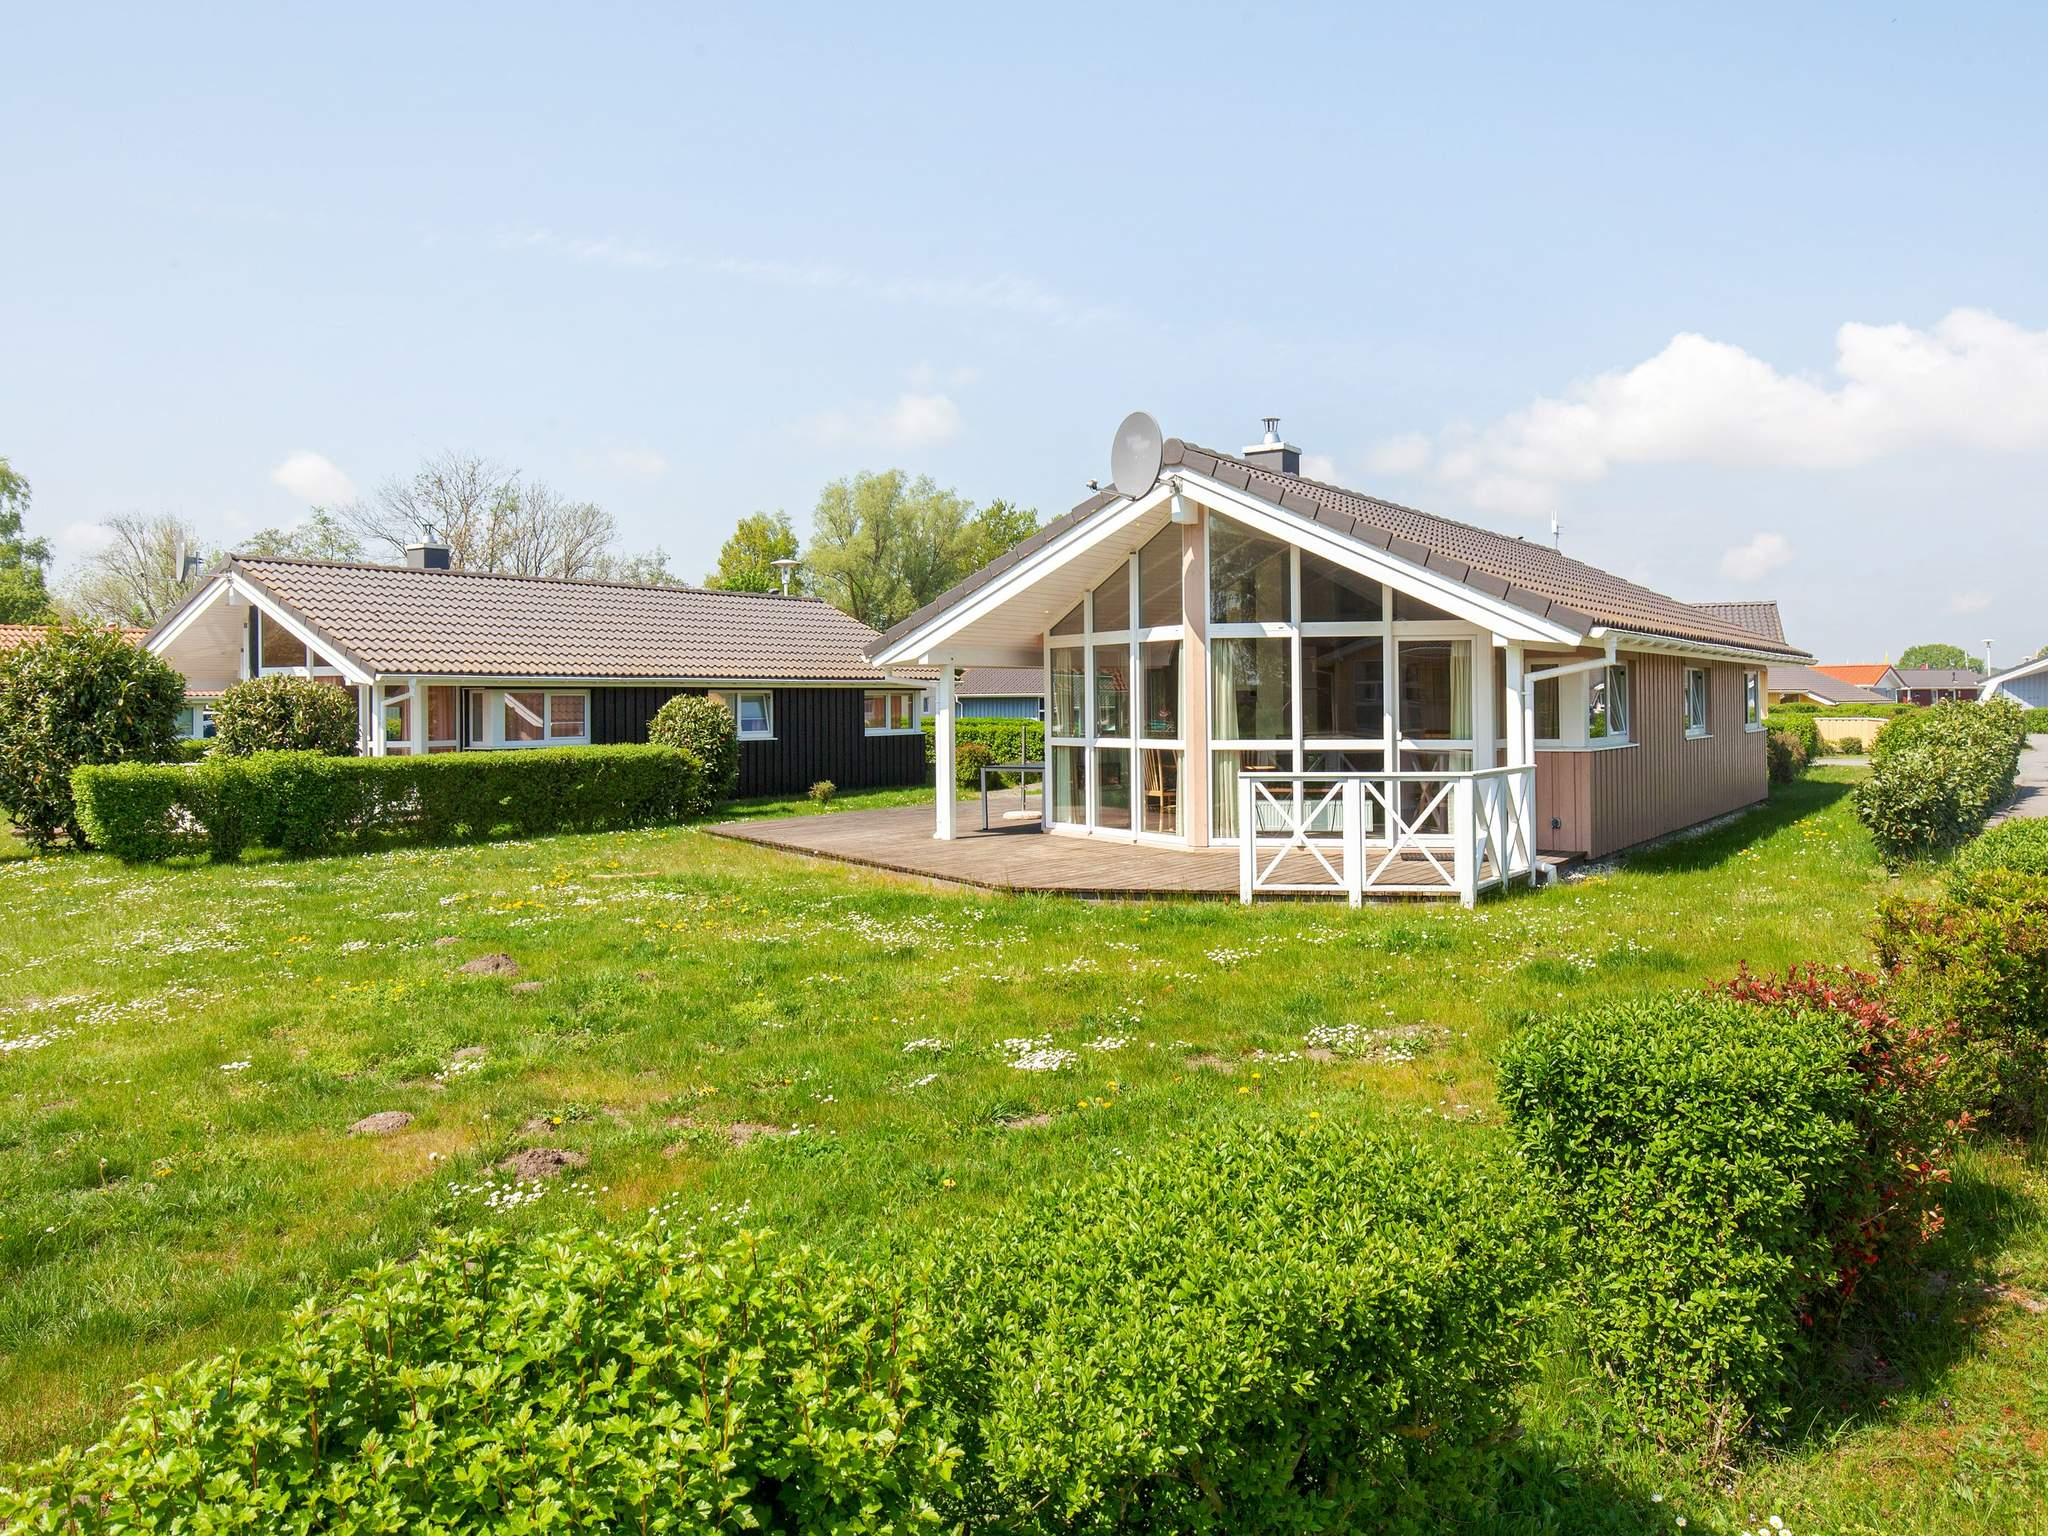 Maison de vacances Grömitz (316467), Grömitz, Baie de Lübeck, Schleswig-Holstein, Allemagne, image 13